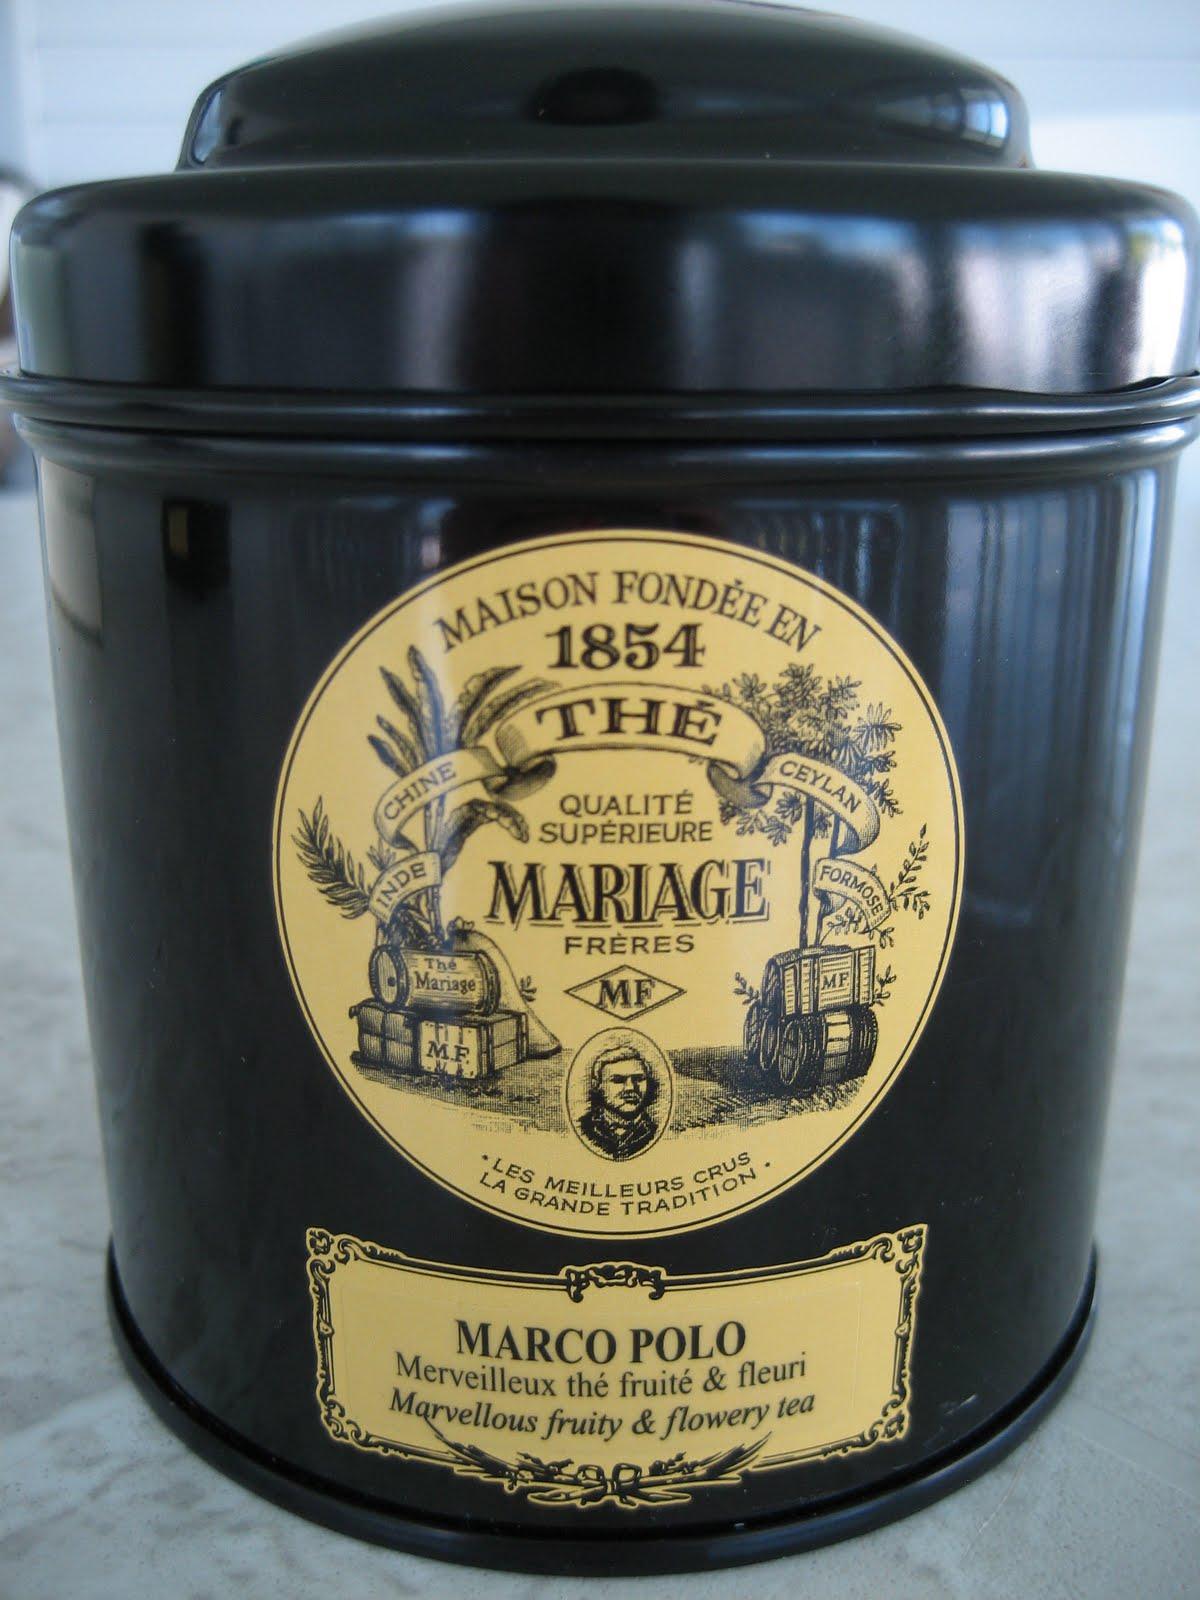 Marco Polo Mariage Freres